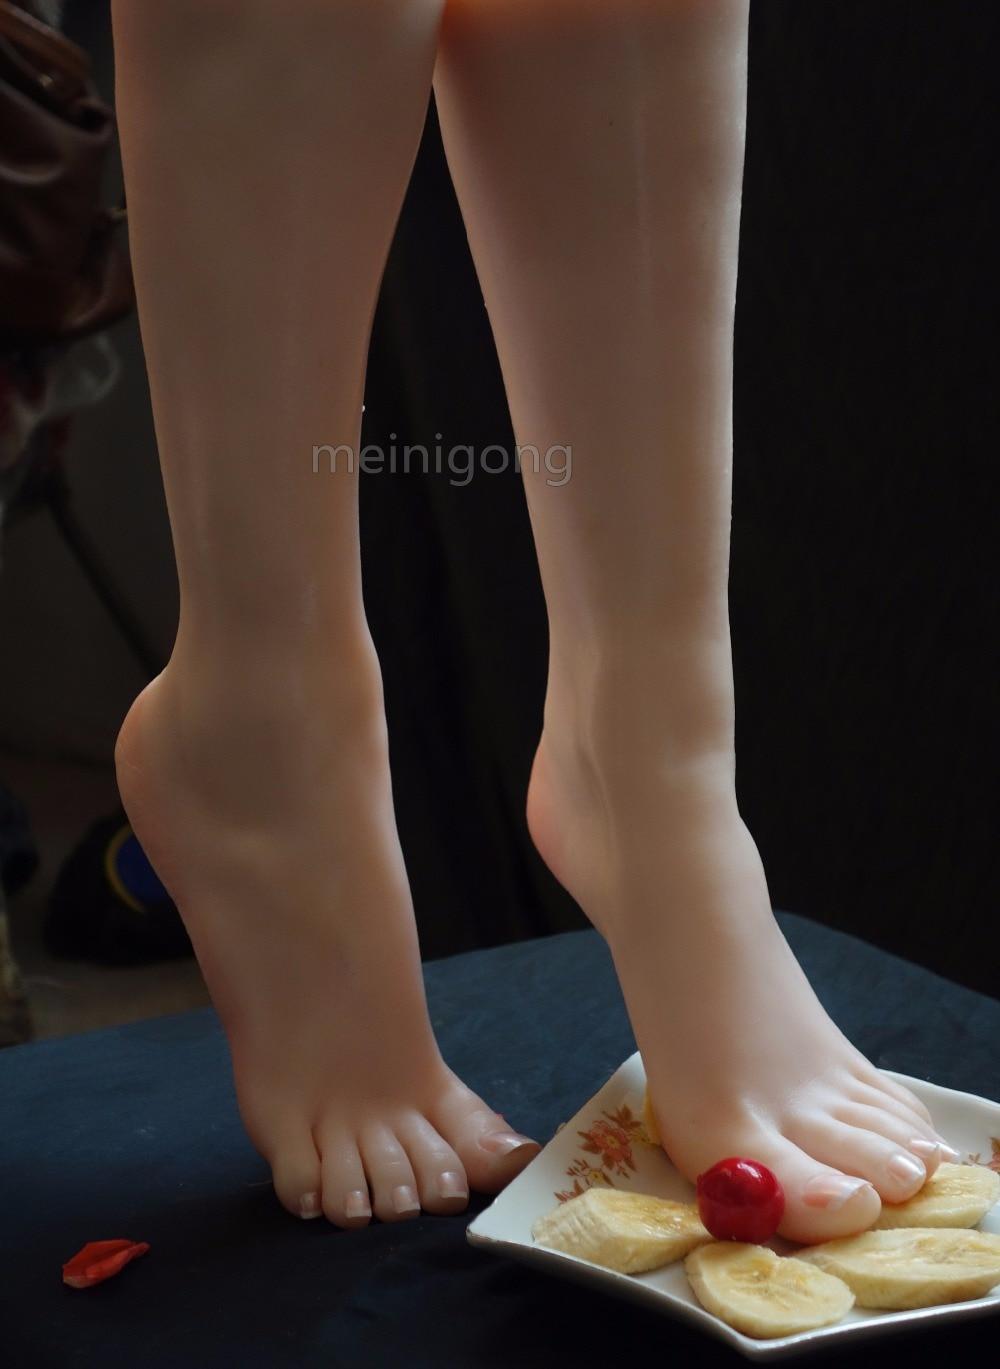 Un par de maniquí femenino de silicona realista, pie falso, modelo de pie para mujer, muestra de boceto de arte, zapato de sandalia T36